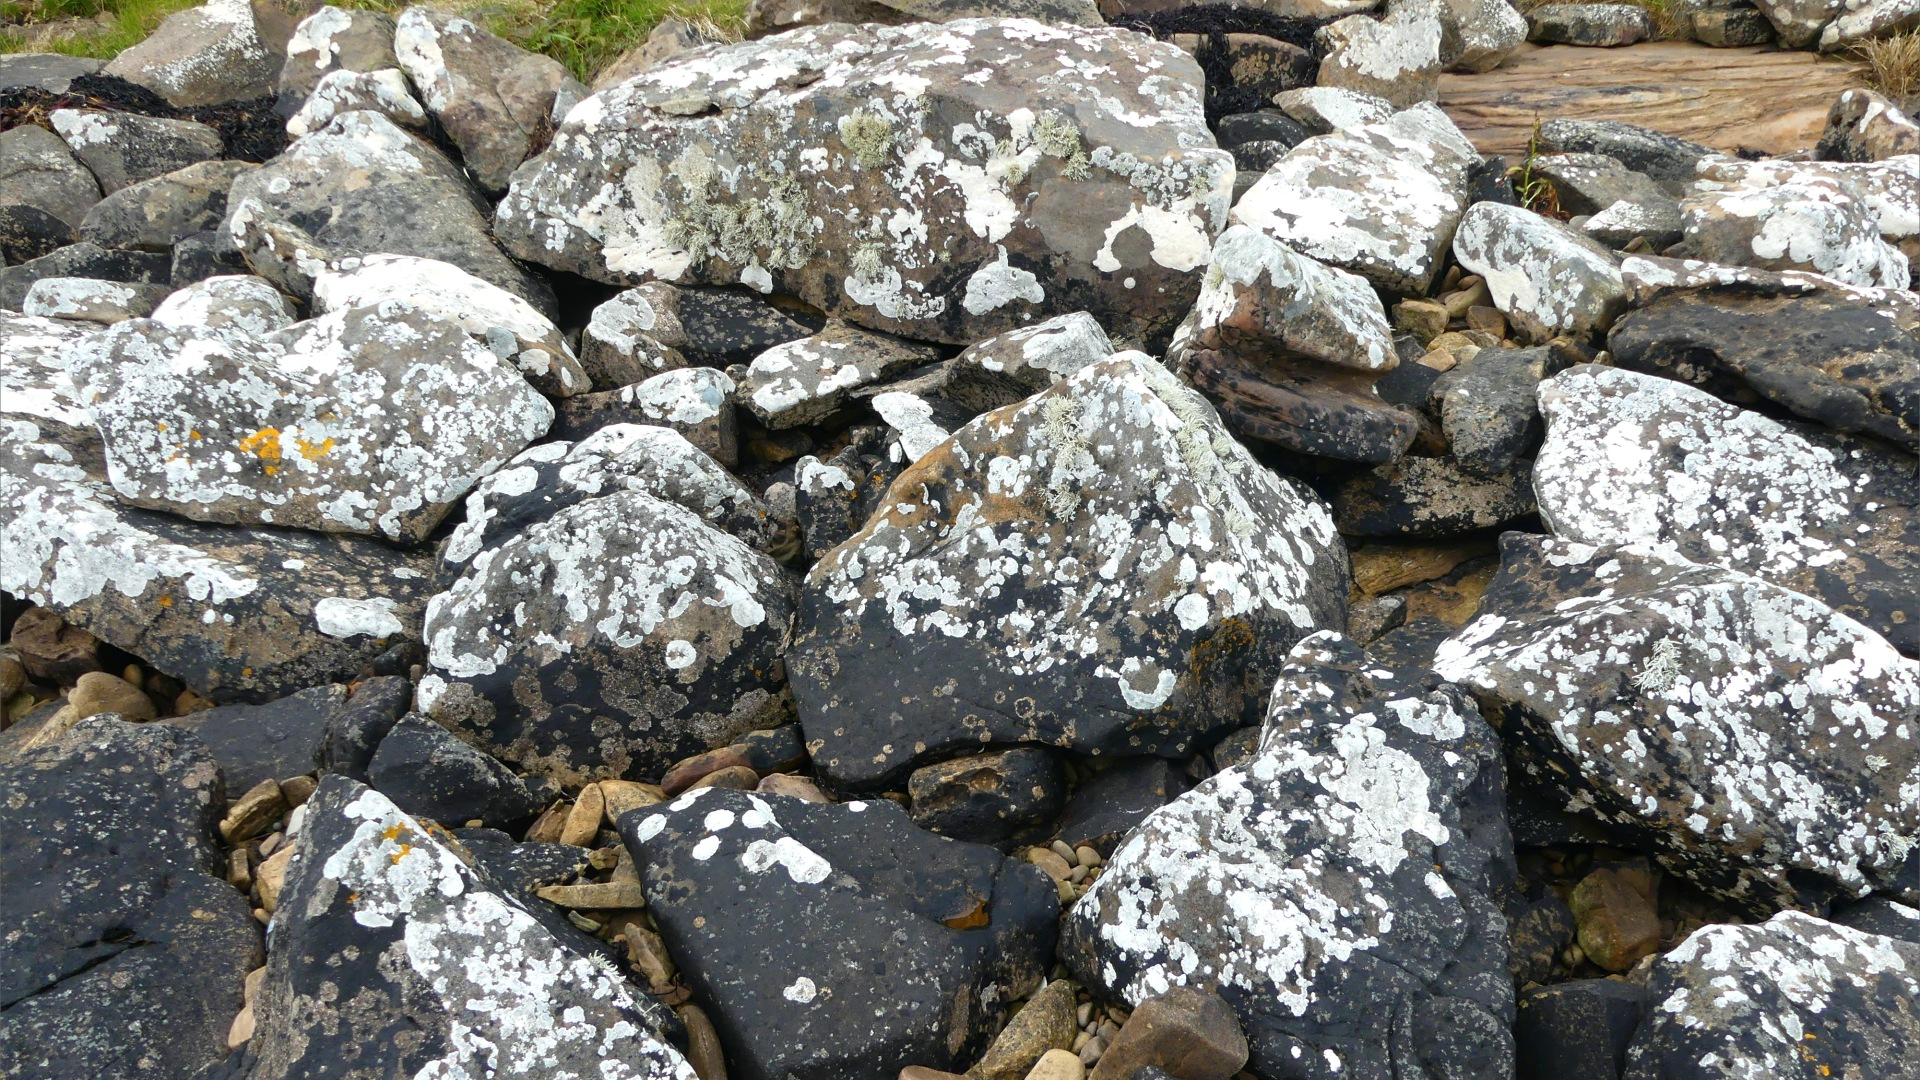 Lichen on seashore rocks